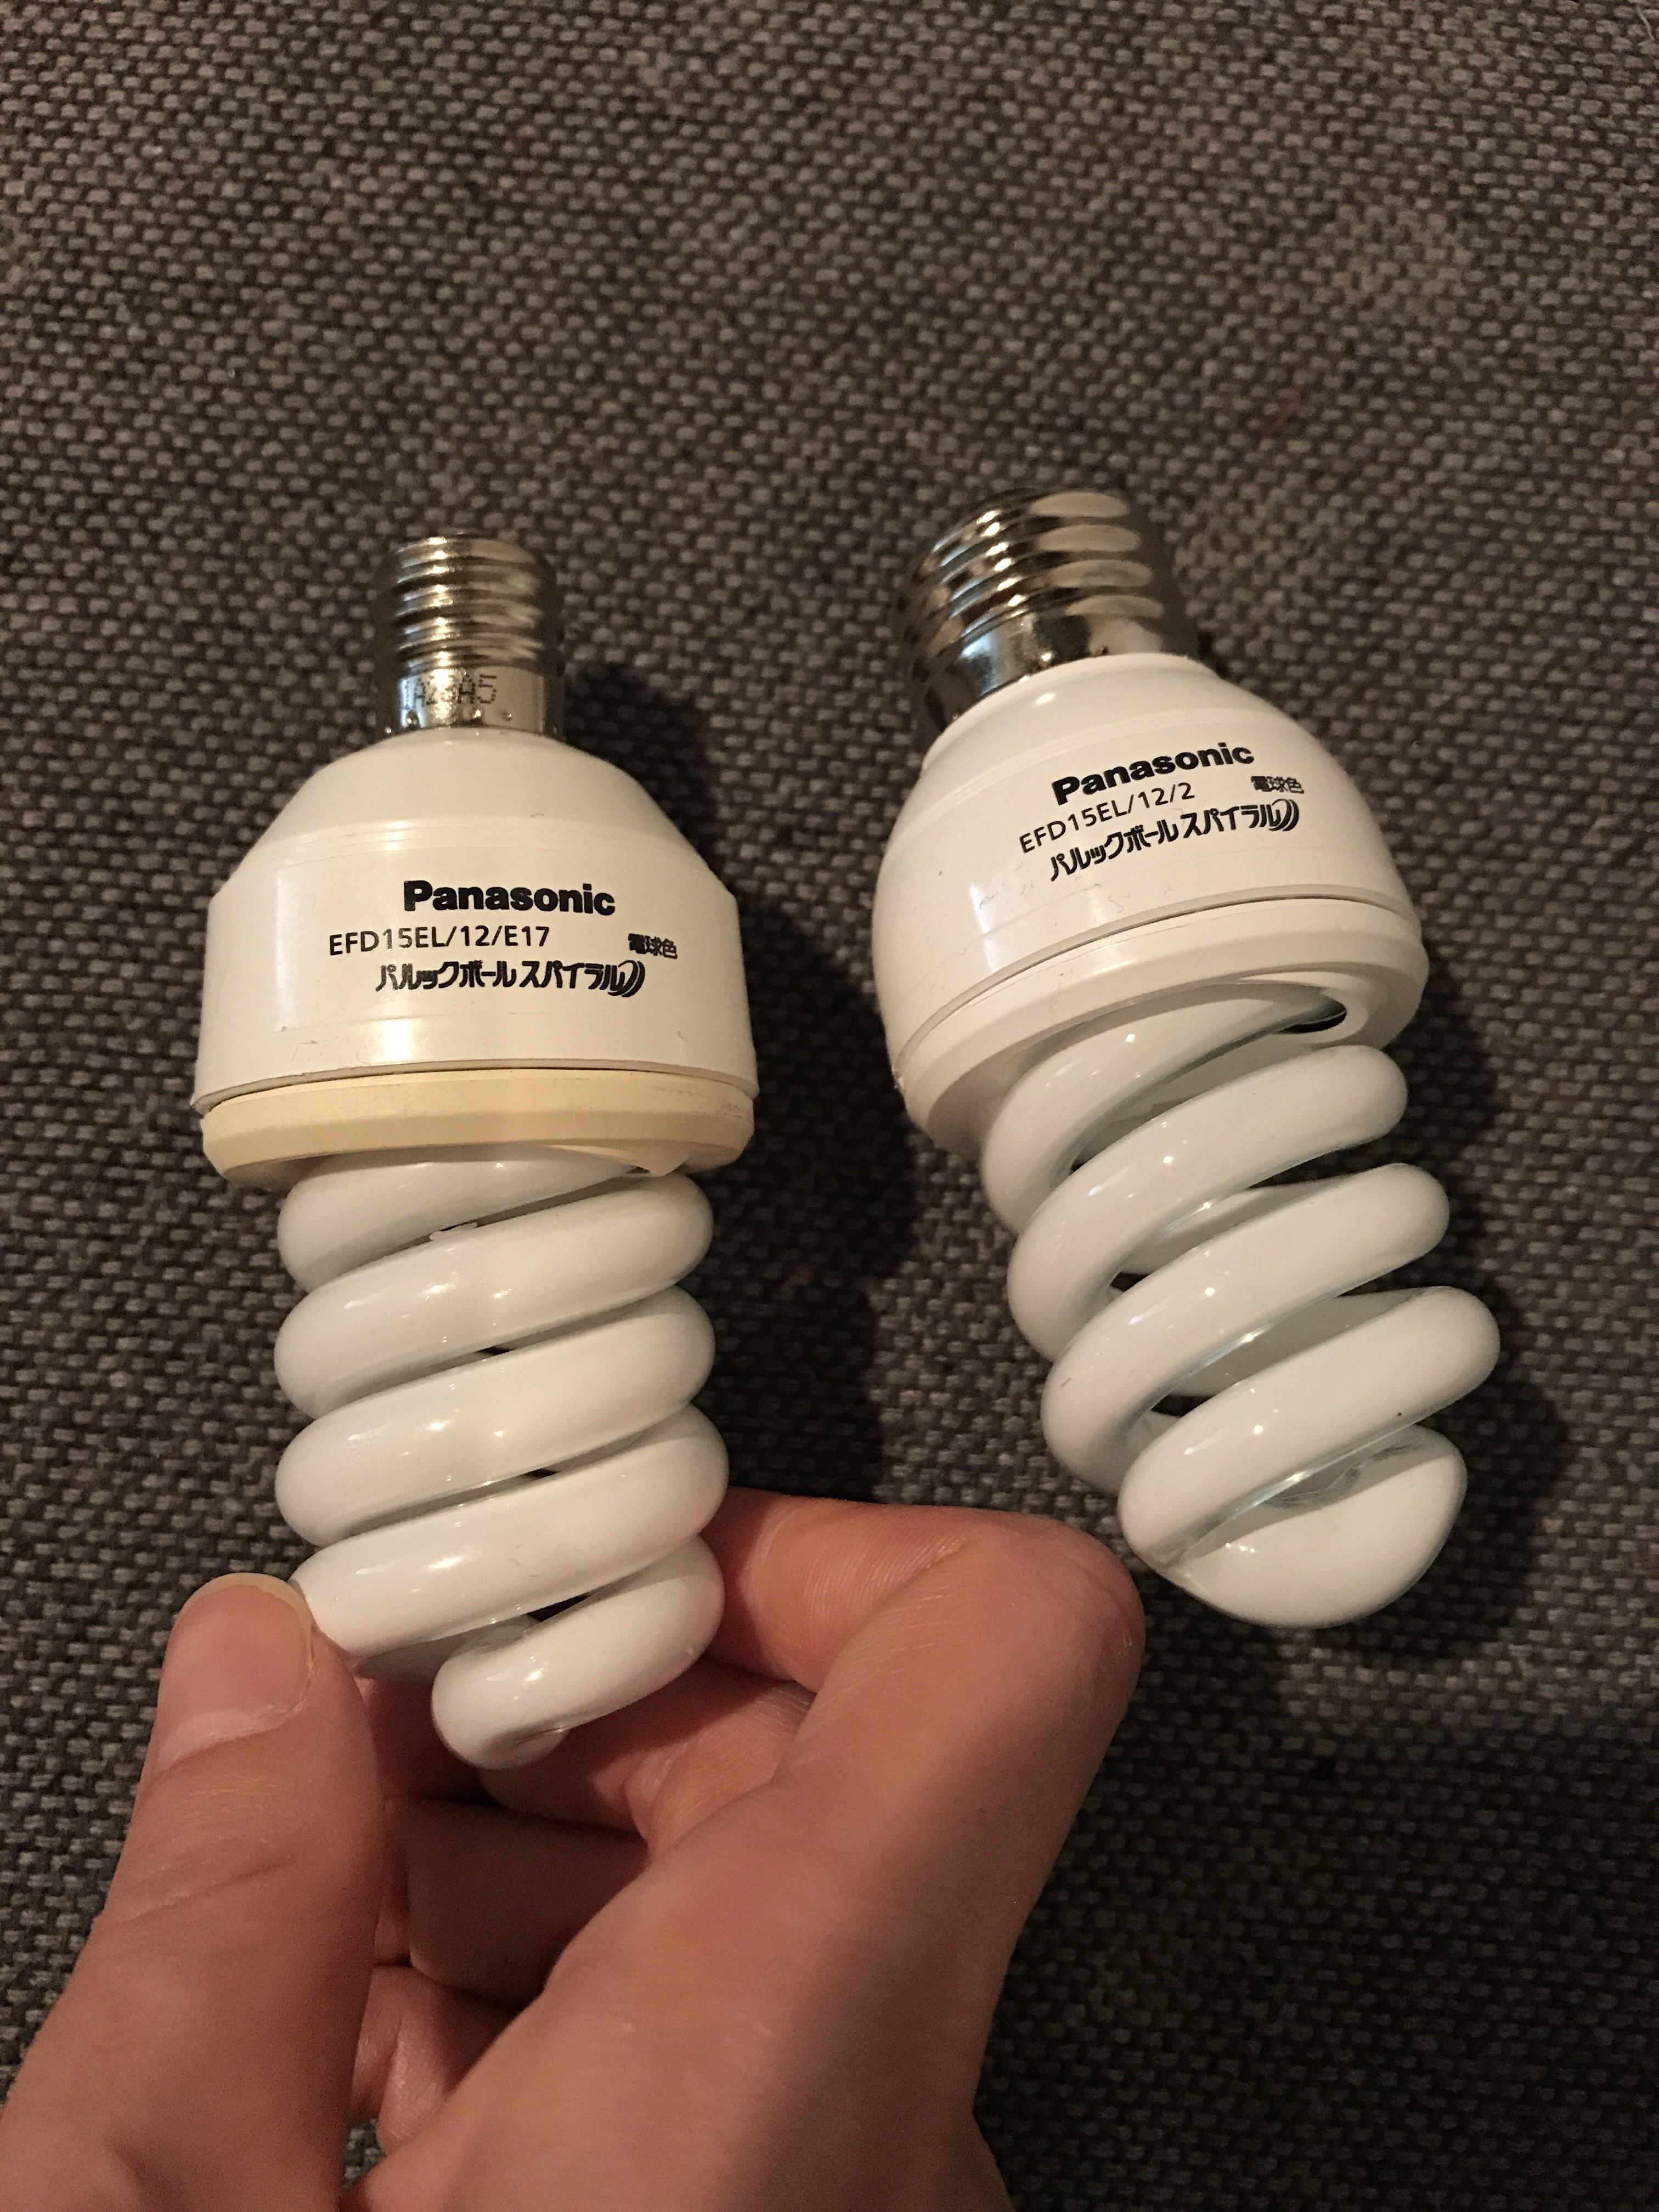 左が元からついていた電球。右側が購入したもの。やっぱり口金太い…という写真